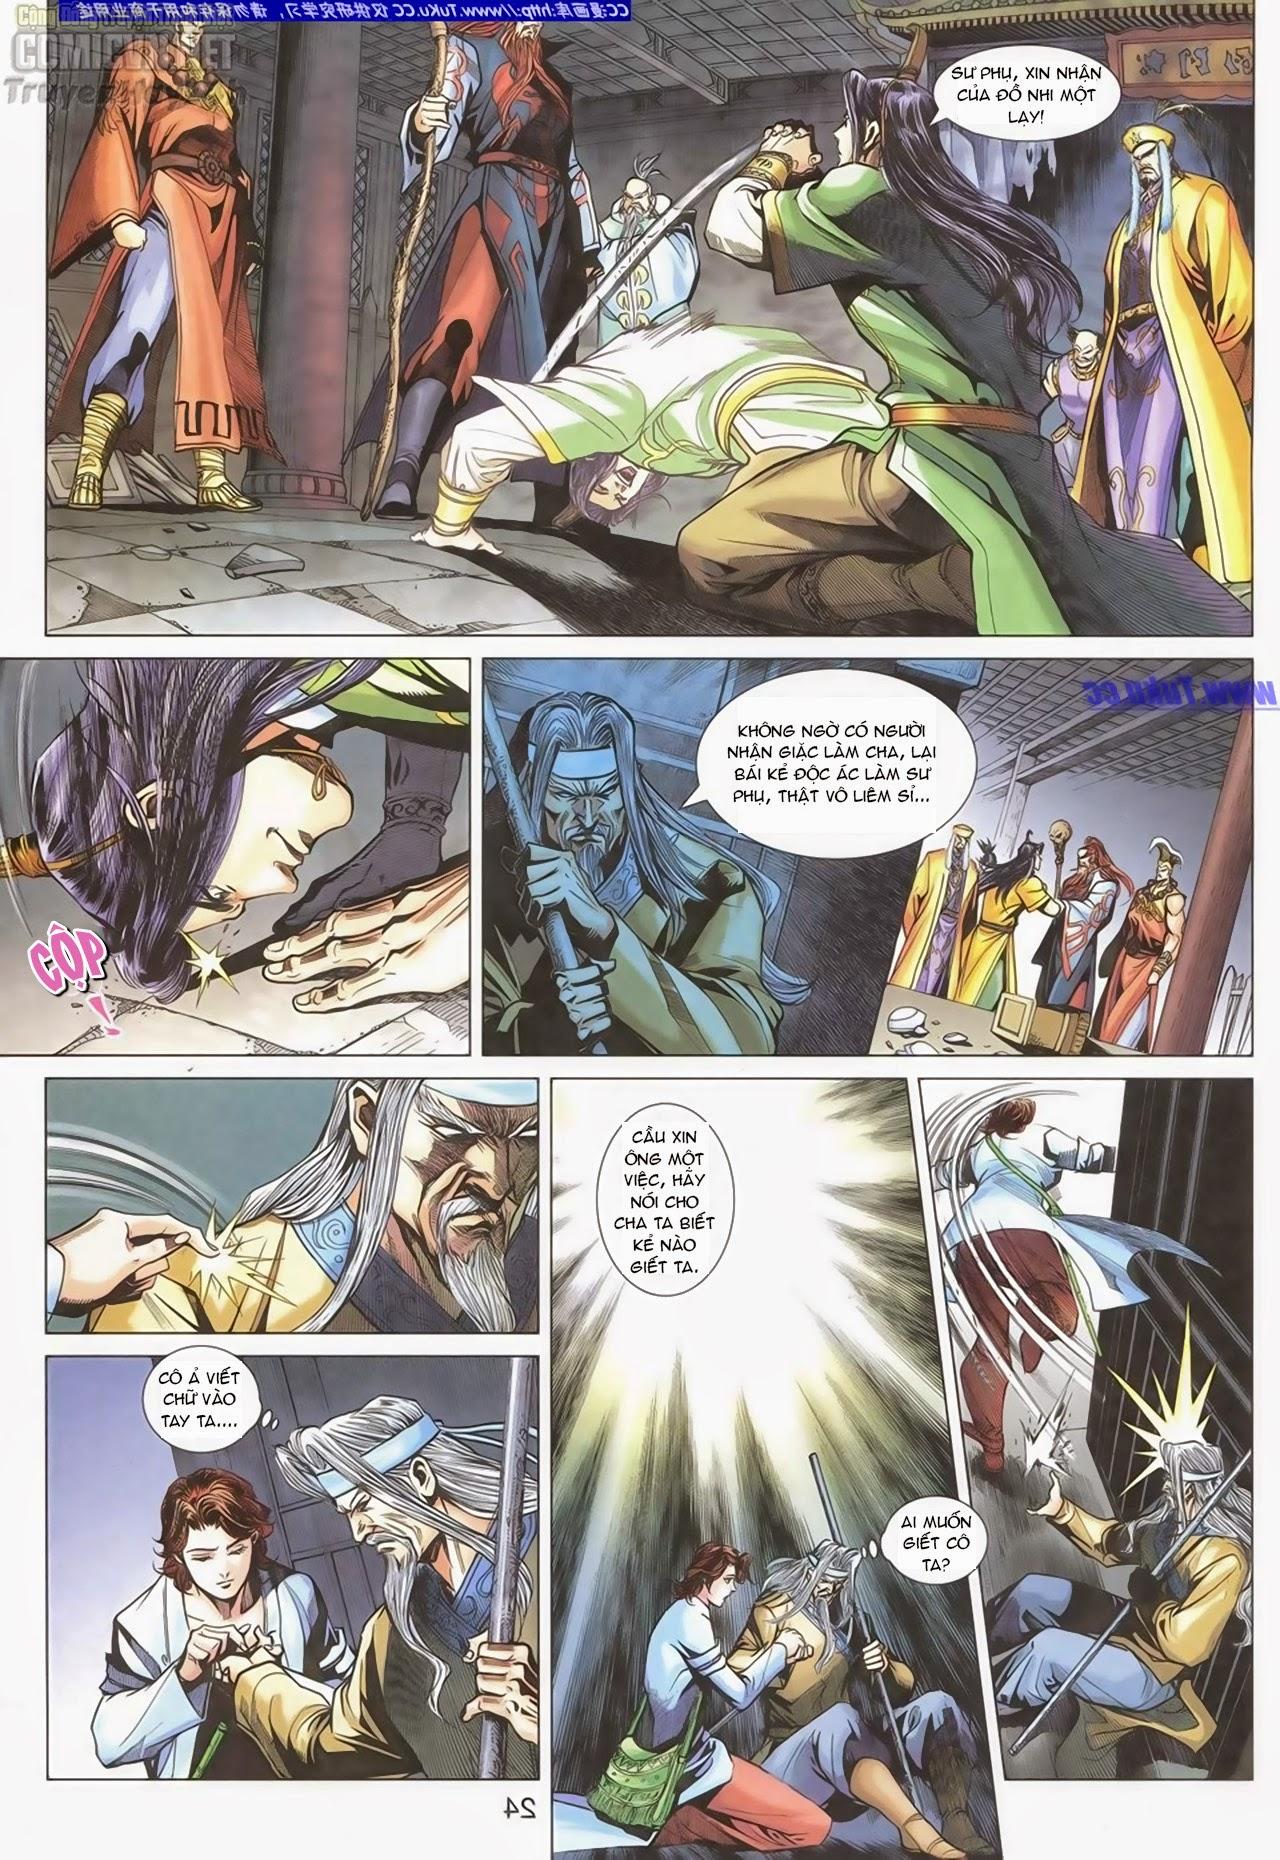 xem truyen moi - Anh Hùng Xạ Điêu - Chapter 89: Thiết Thương Miếu Phong Vân